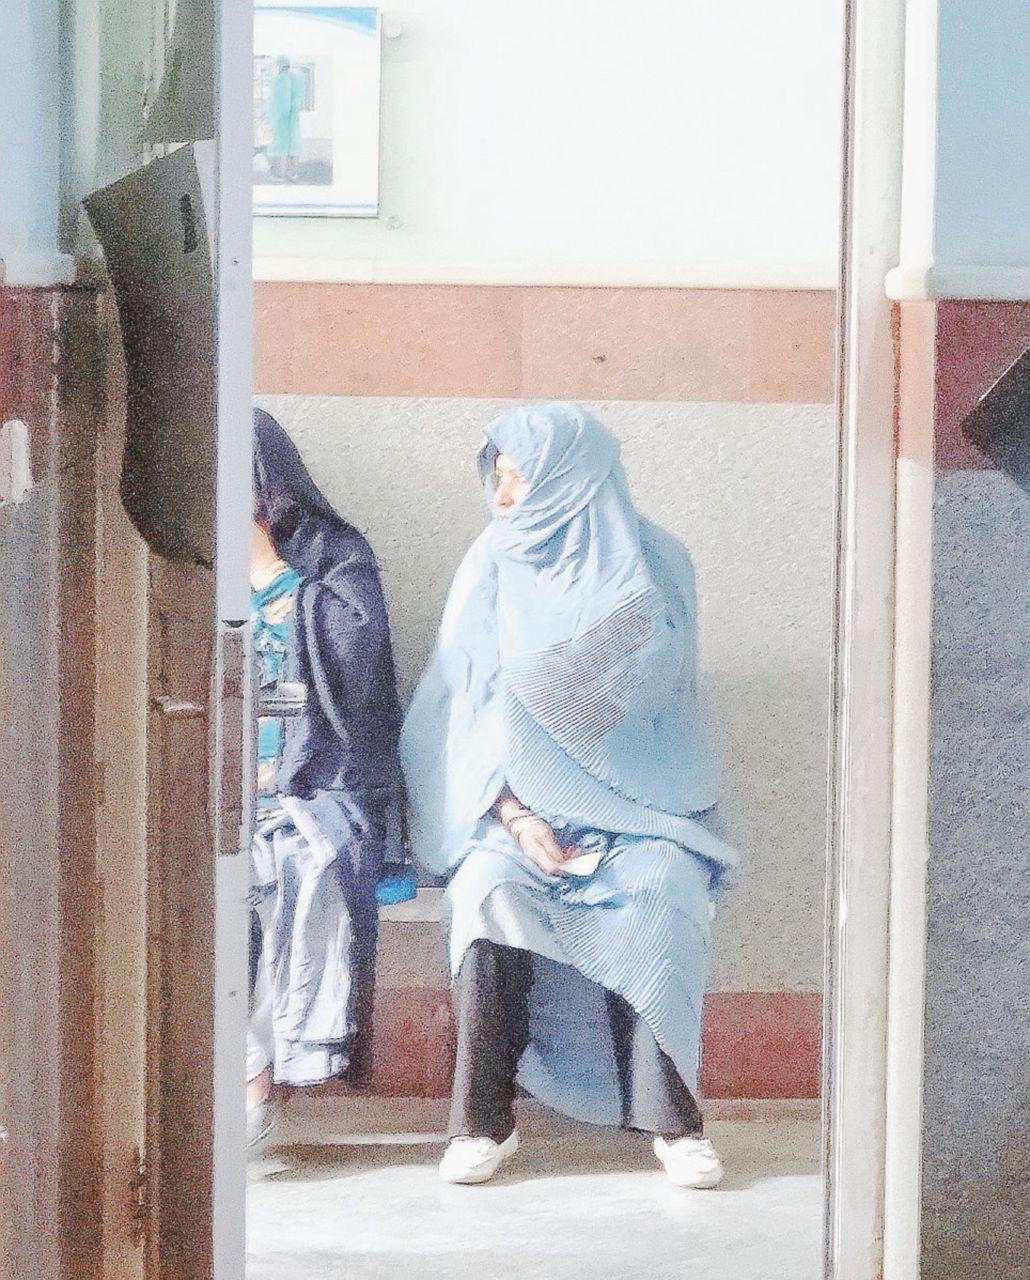 Shirin auto-immolata nel rogo morire per i diritti impossibili